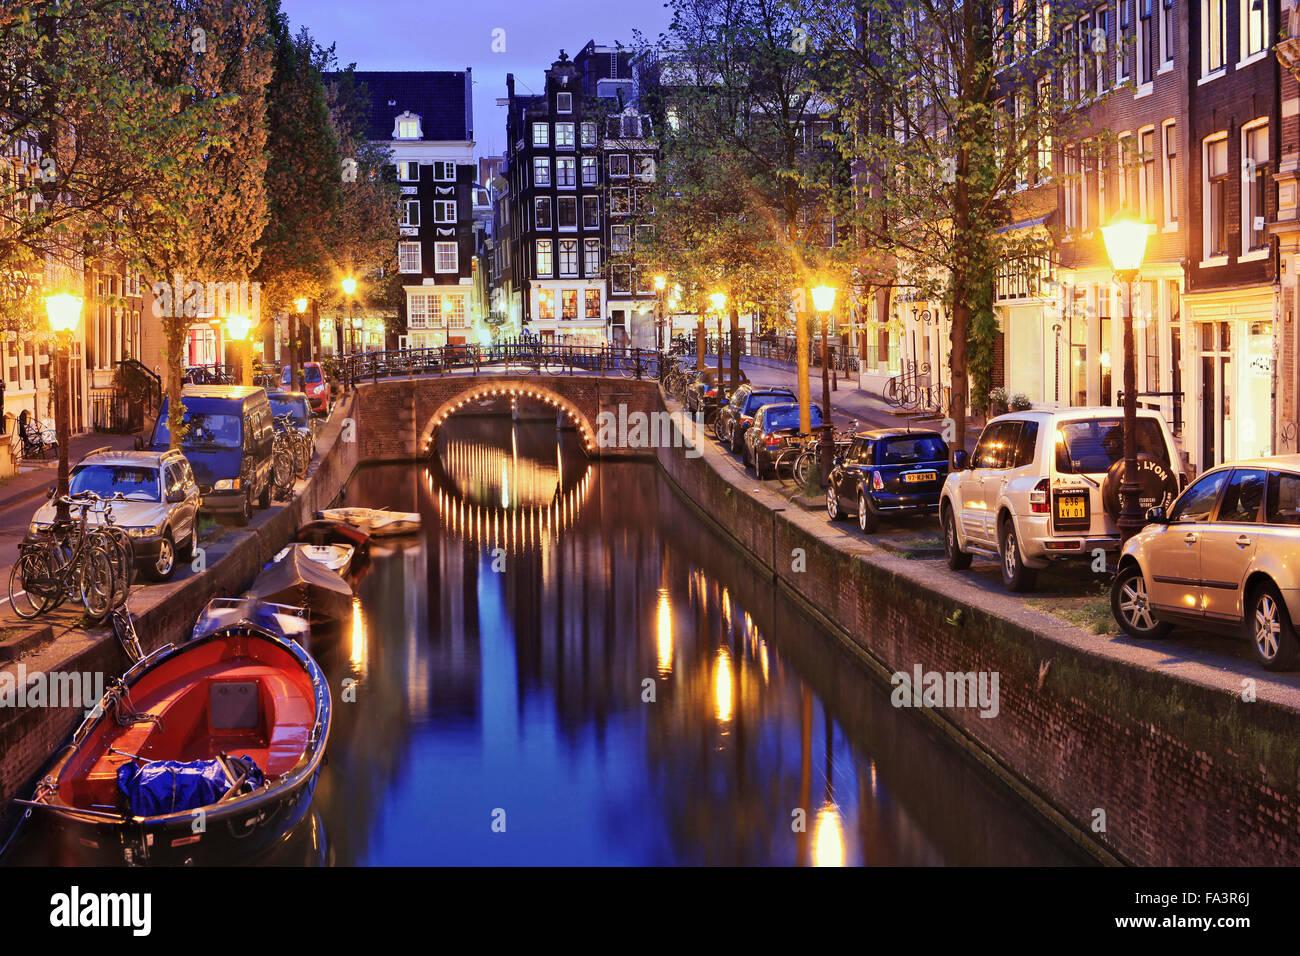 Einen Kanal und Straße im Jordaan-Viertel Amsterdam Stockbild